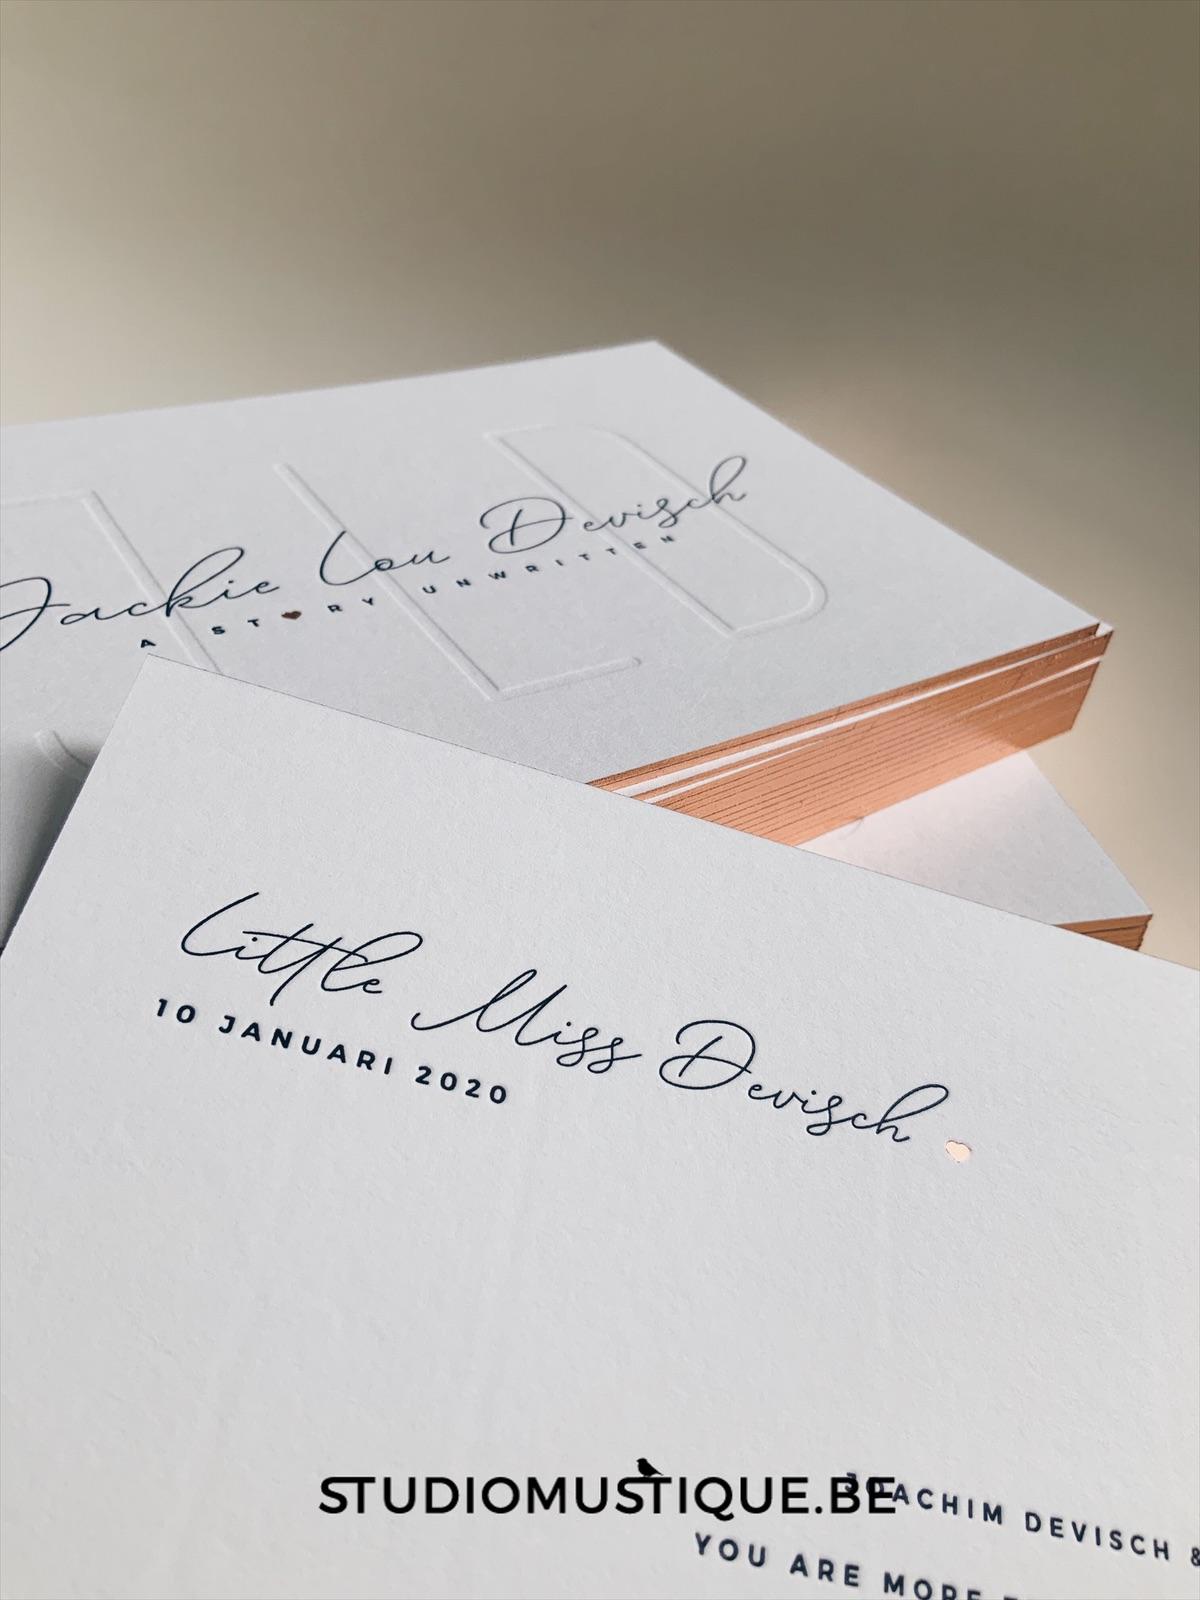 Geboortekaartje Jackie Lou, letterpress, foliedruk hartje, blinddruk, minimalistisch, roze, rosegold, blush, folie op snee, Studio Mustique, Sofie Mus